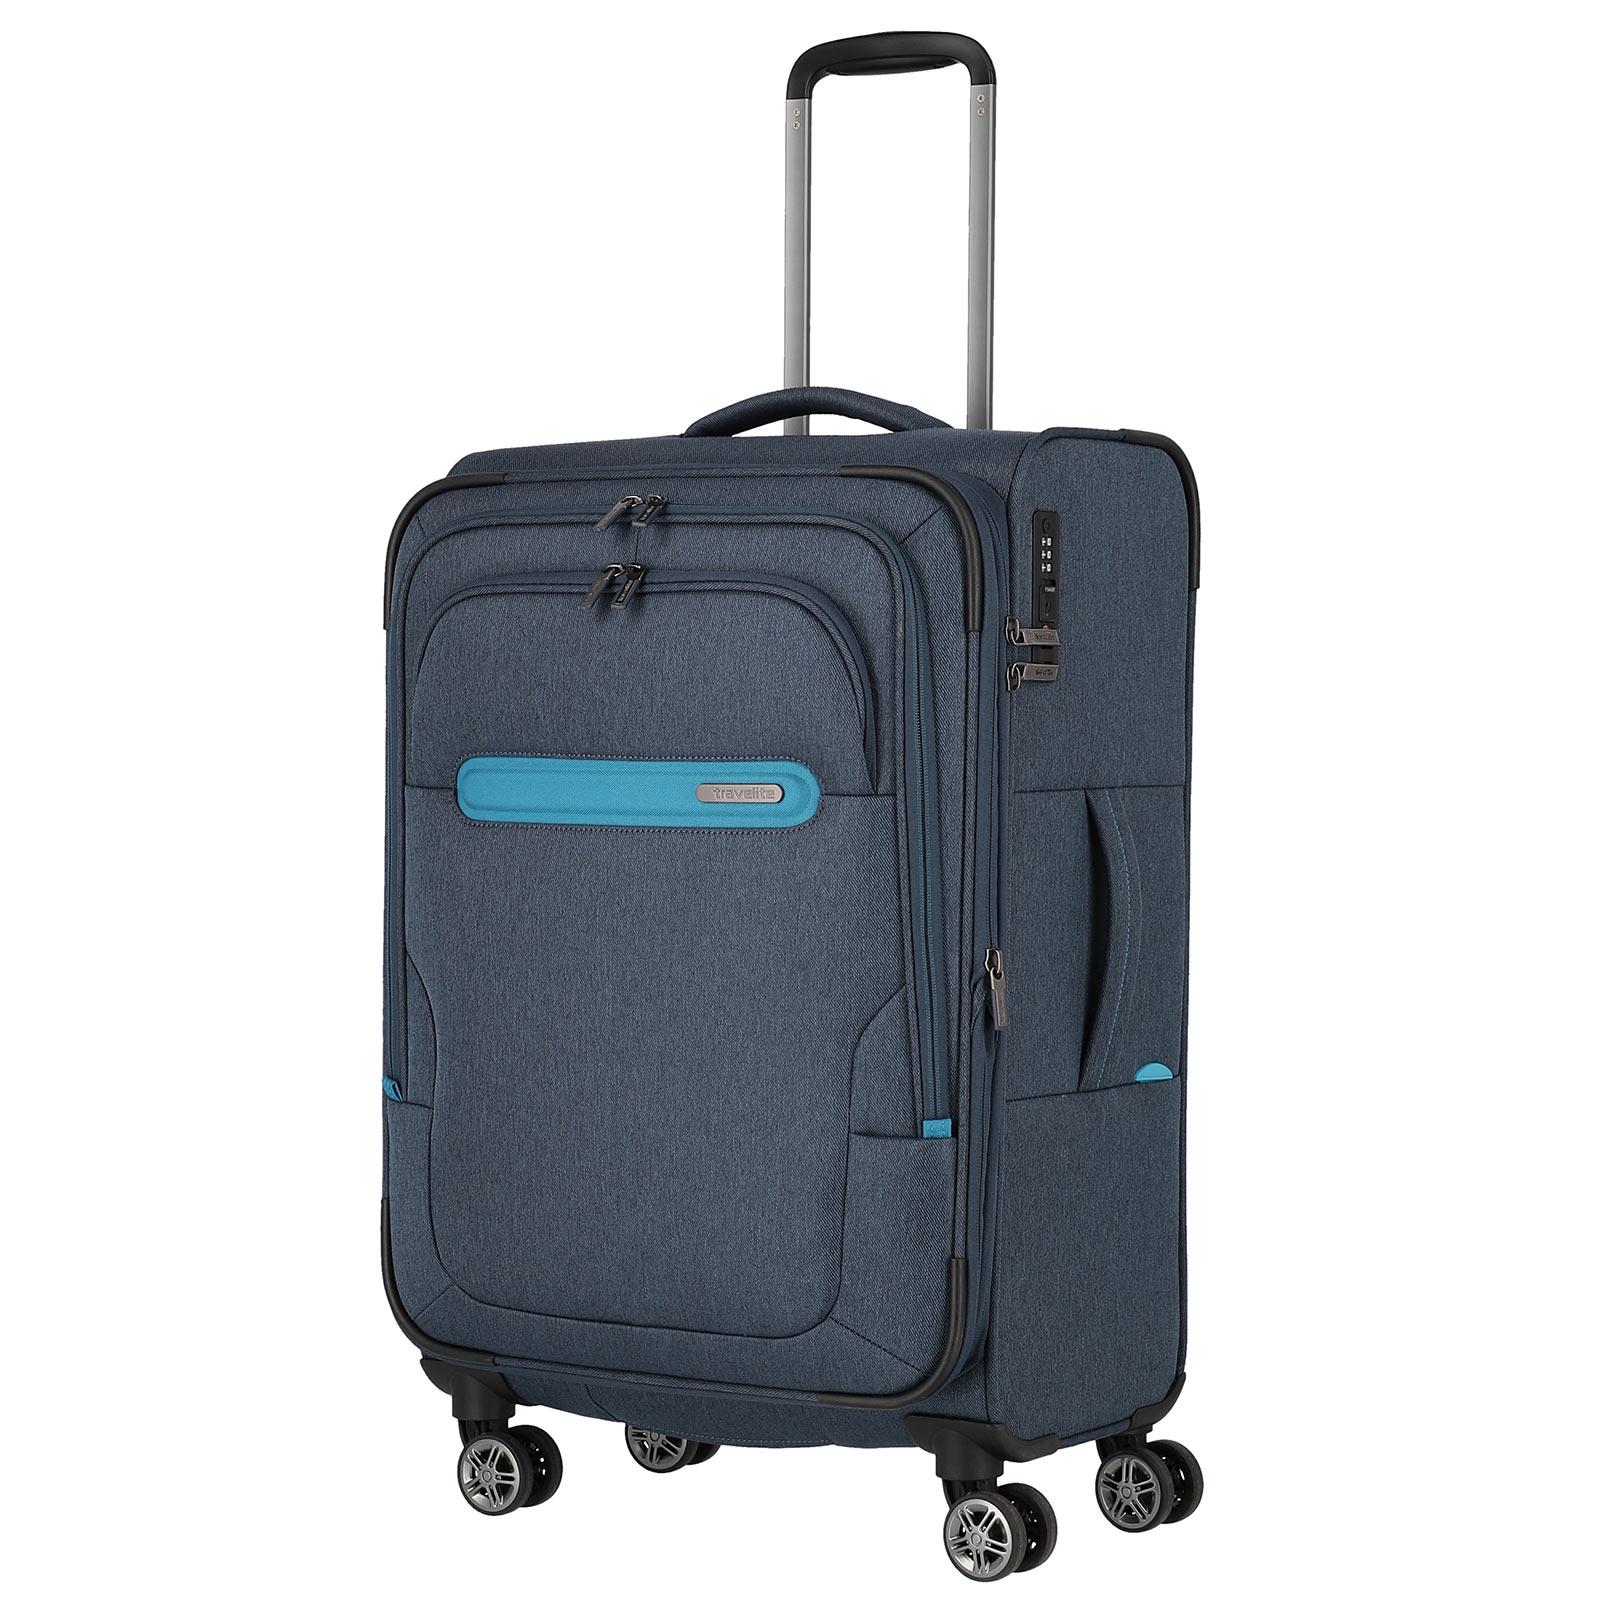 travelite-madeira-67cm-trolley-marine-turkis